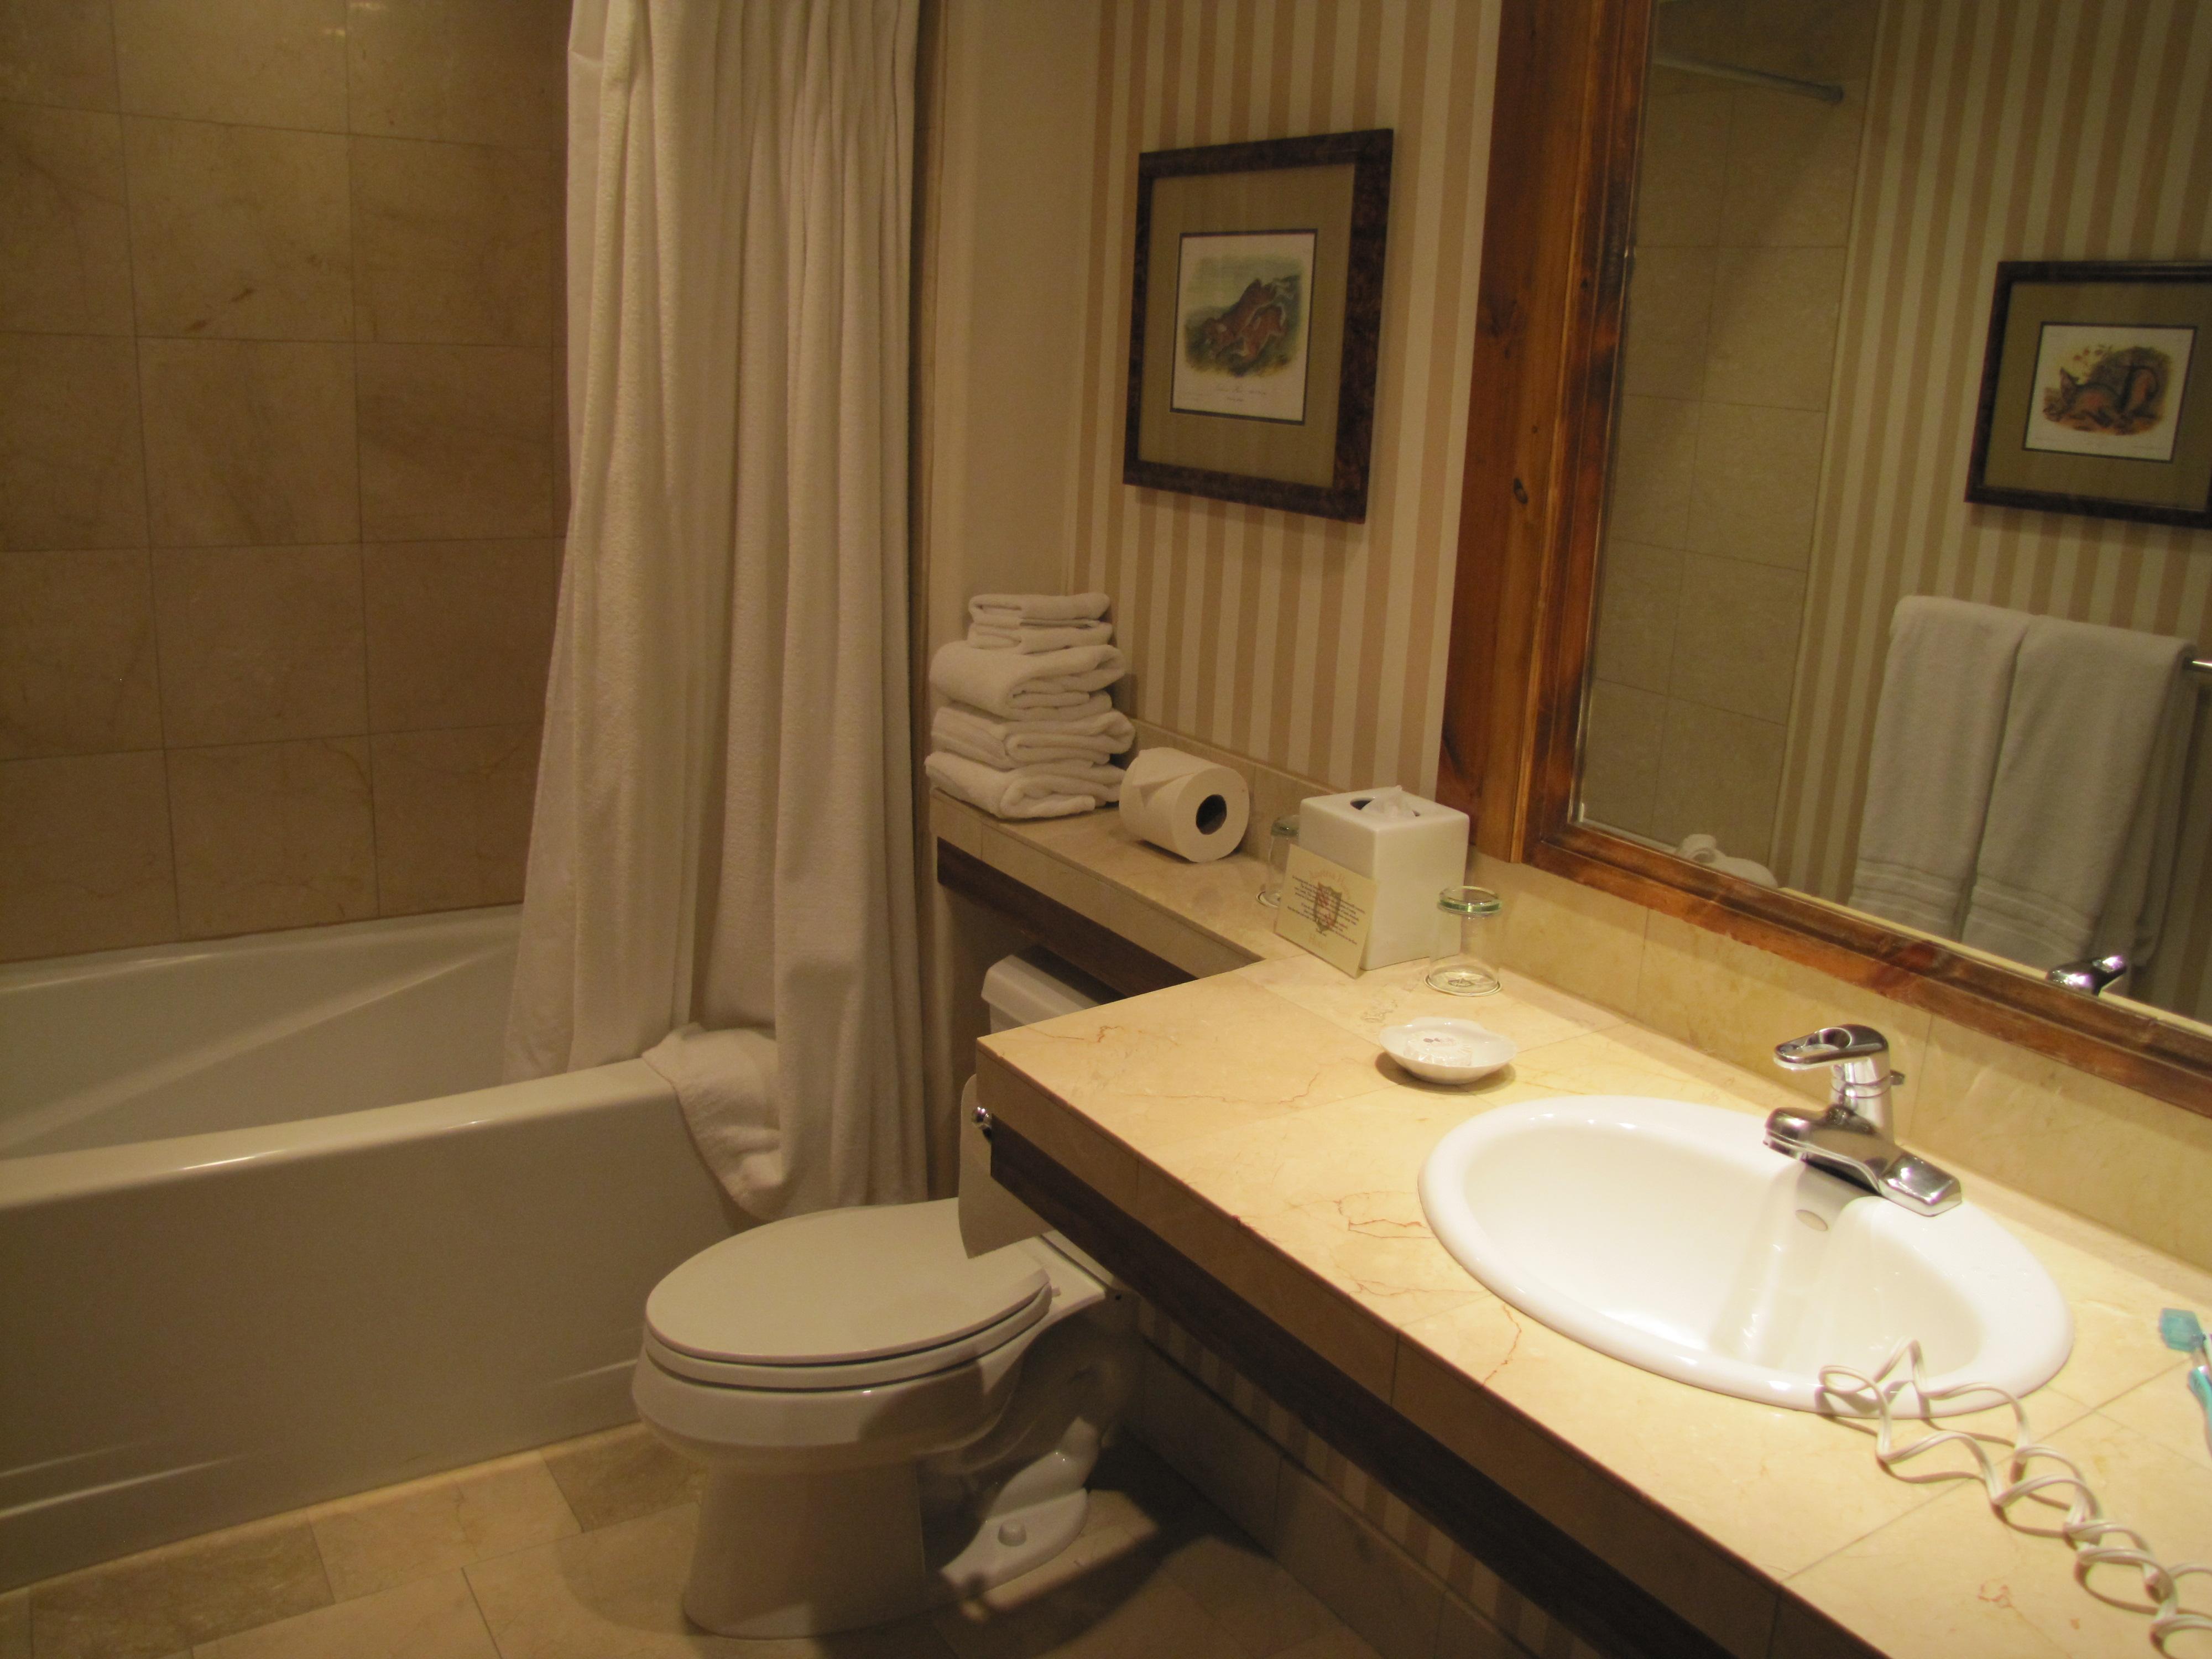 Onde Ficar e Onde Comer em Vail – Austria Haus Hotel e muitos  #A1792A 4000x3000 Banheiro Branco Suja Muito